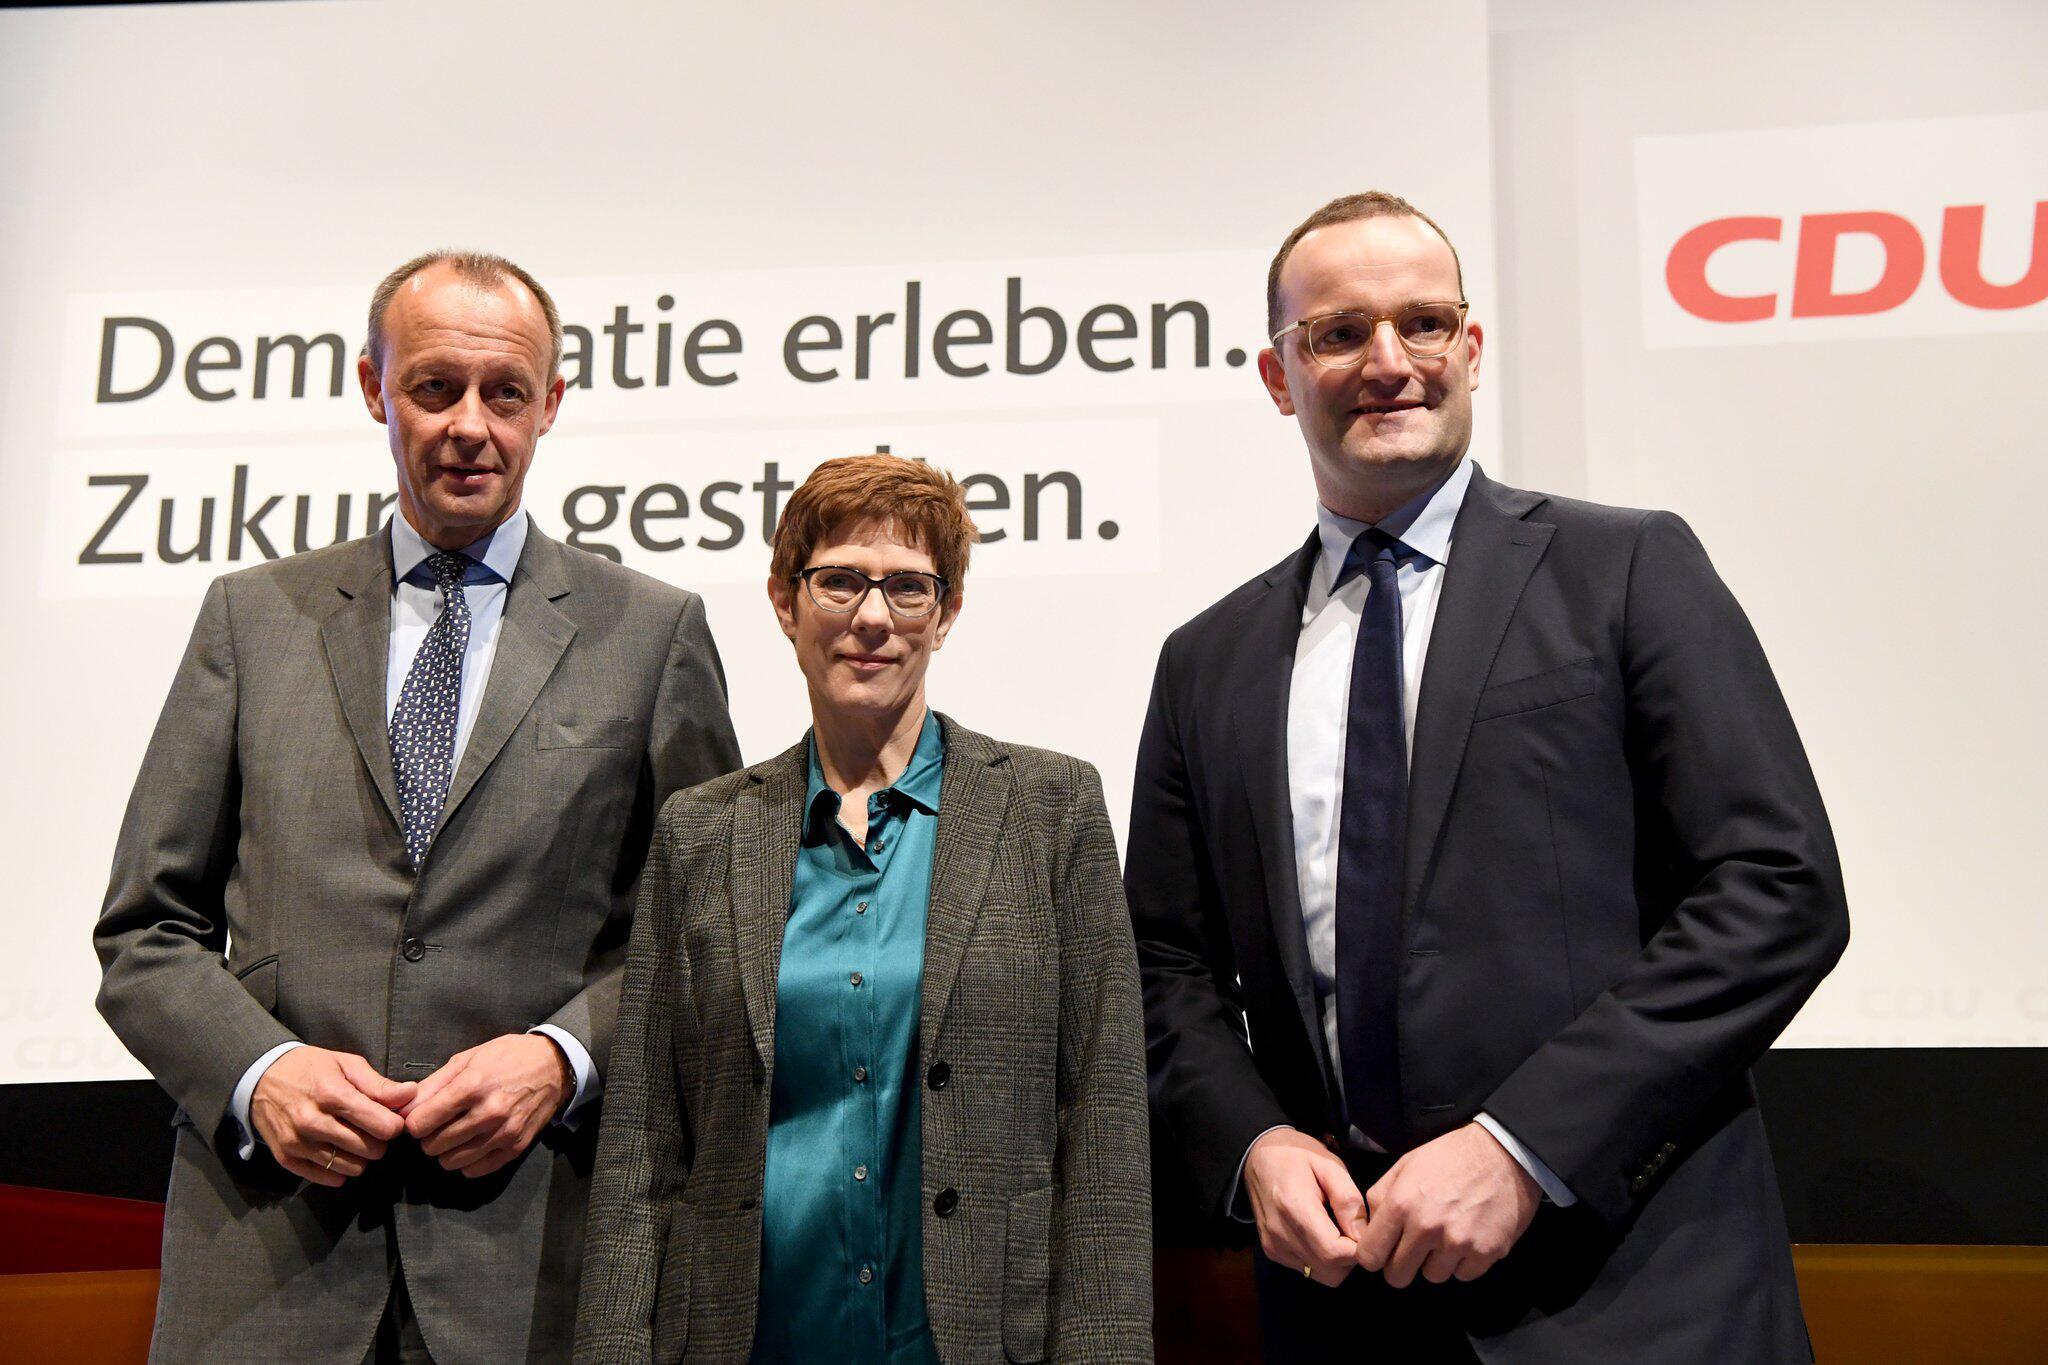 Bild zu CDU-Regionalkonferenz in Lübeck